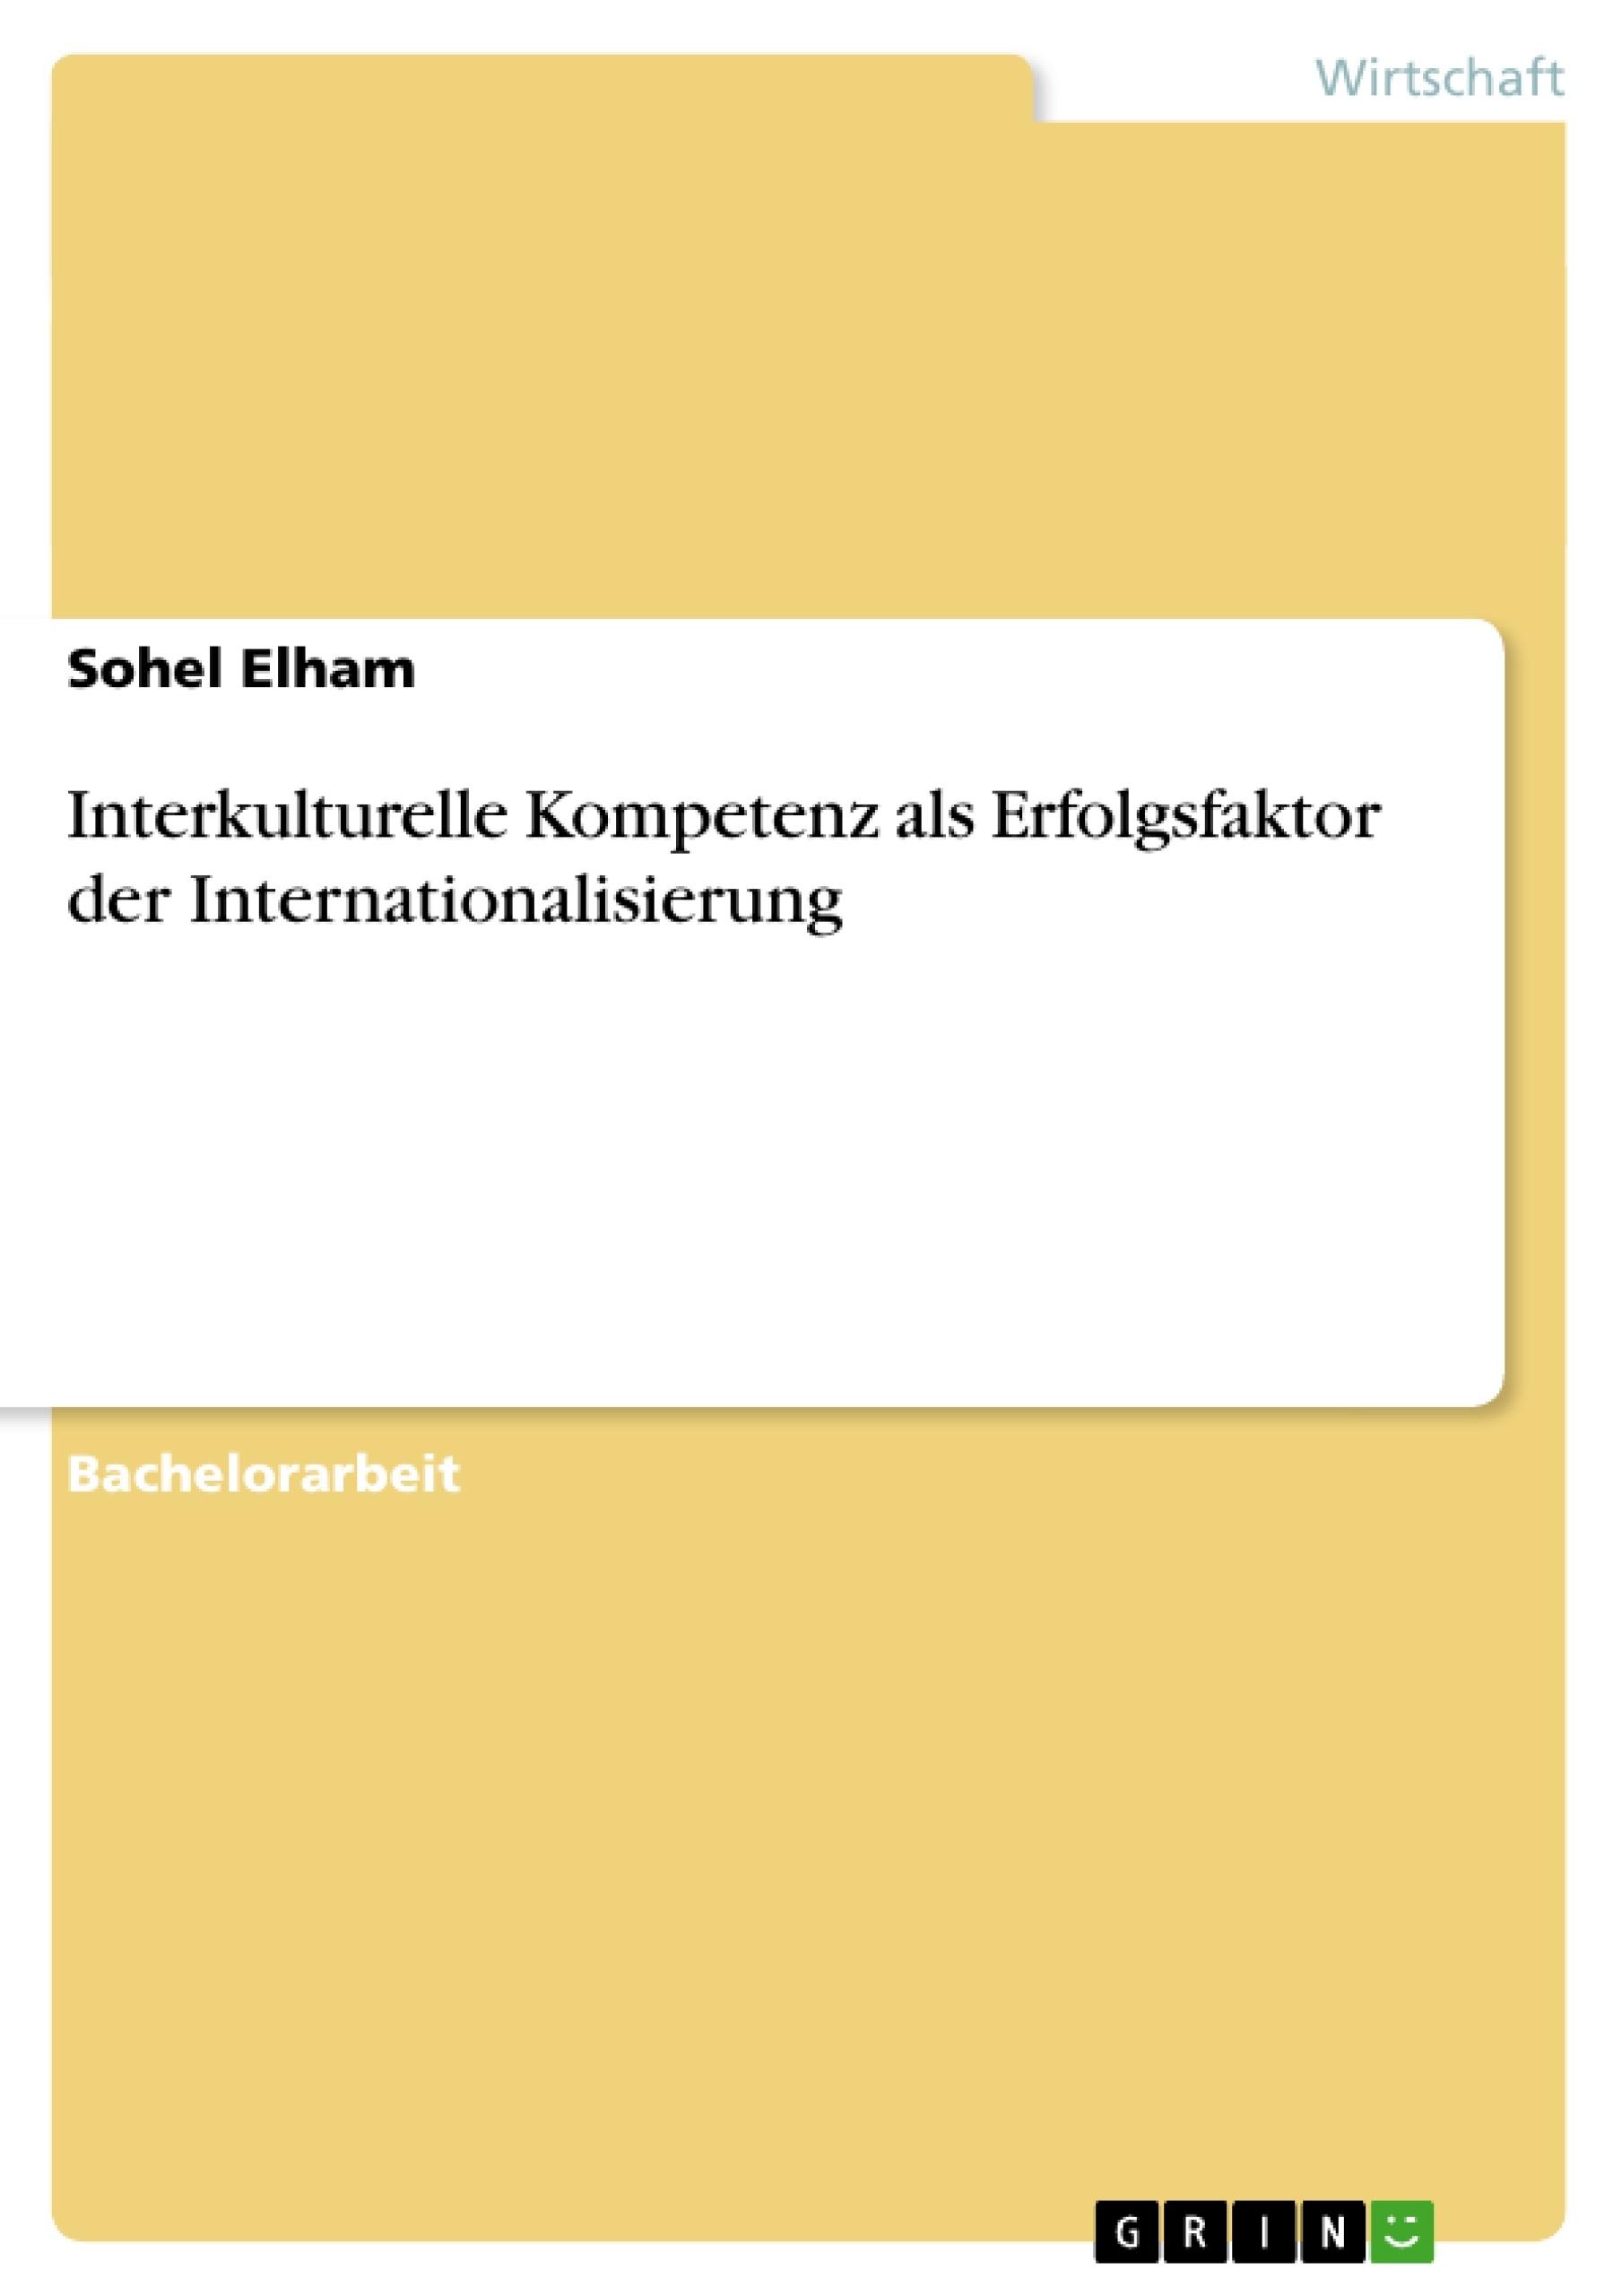 Titel: Interkulturelle Kompetenz als Erfolgsfaktor der Internationalisierung